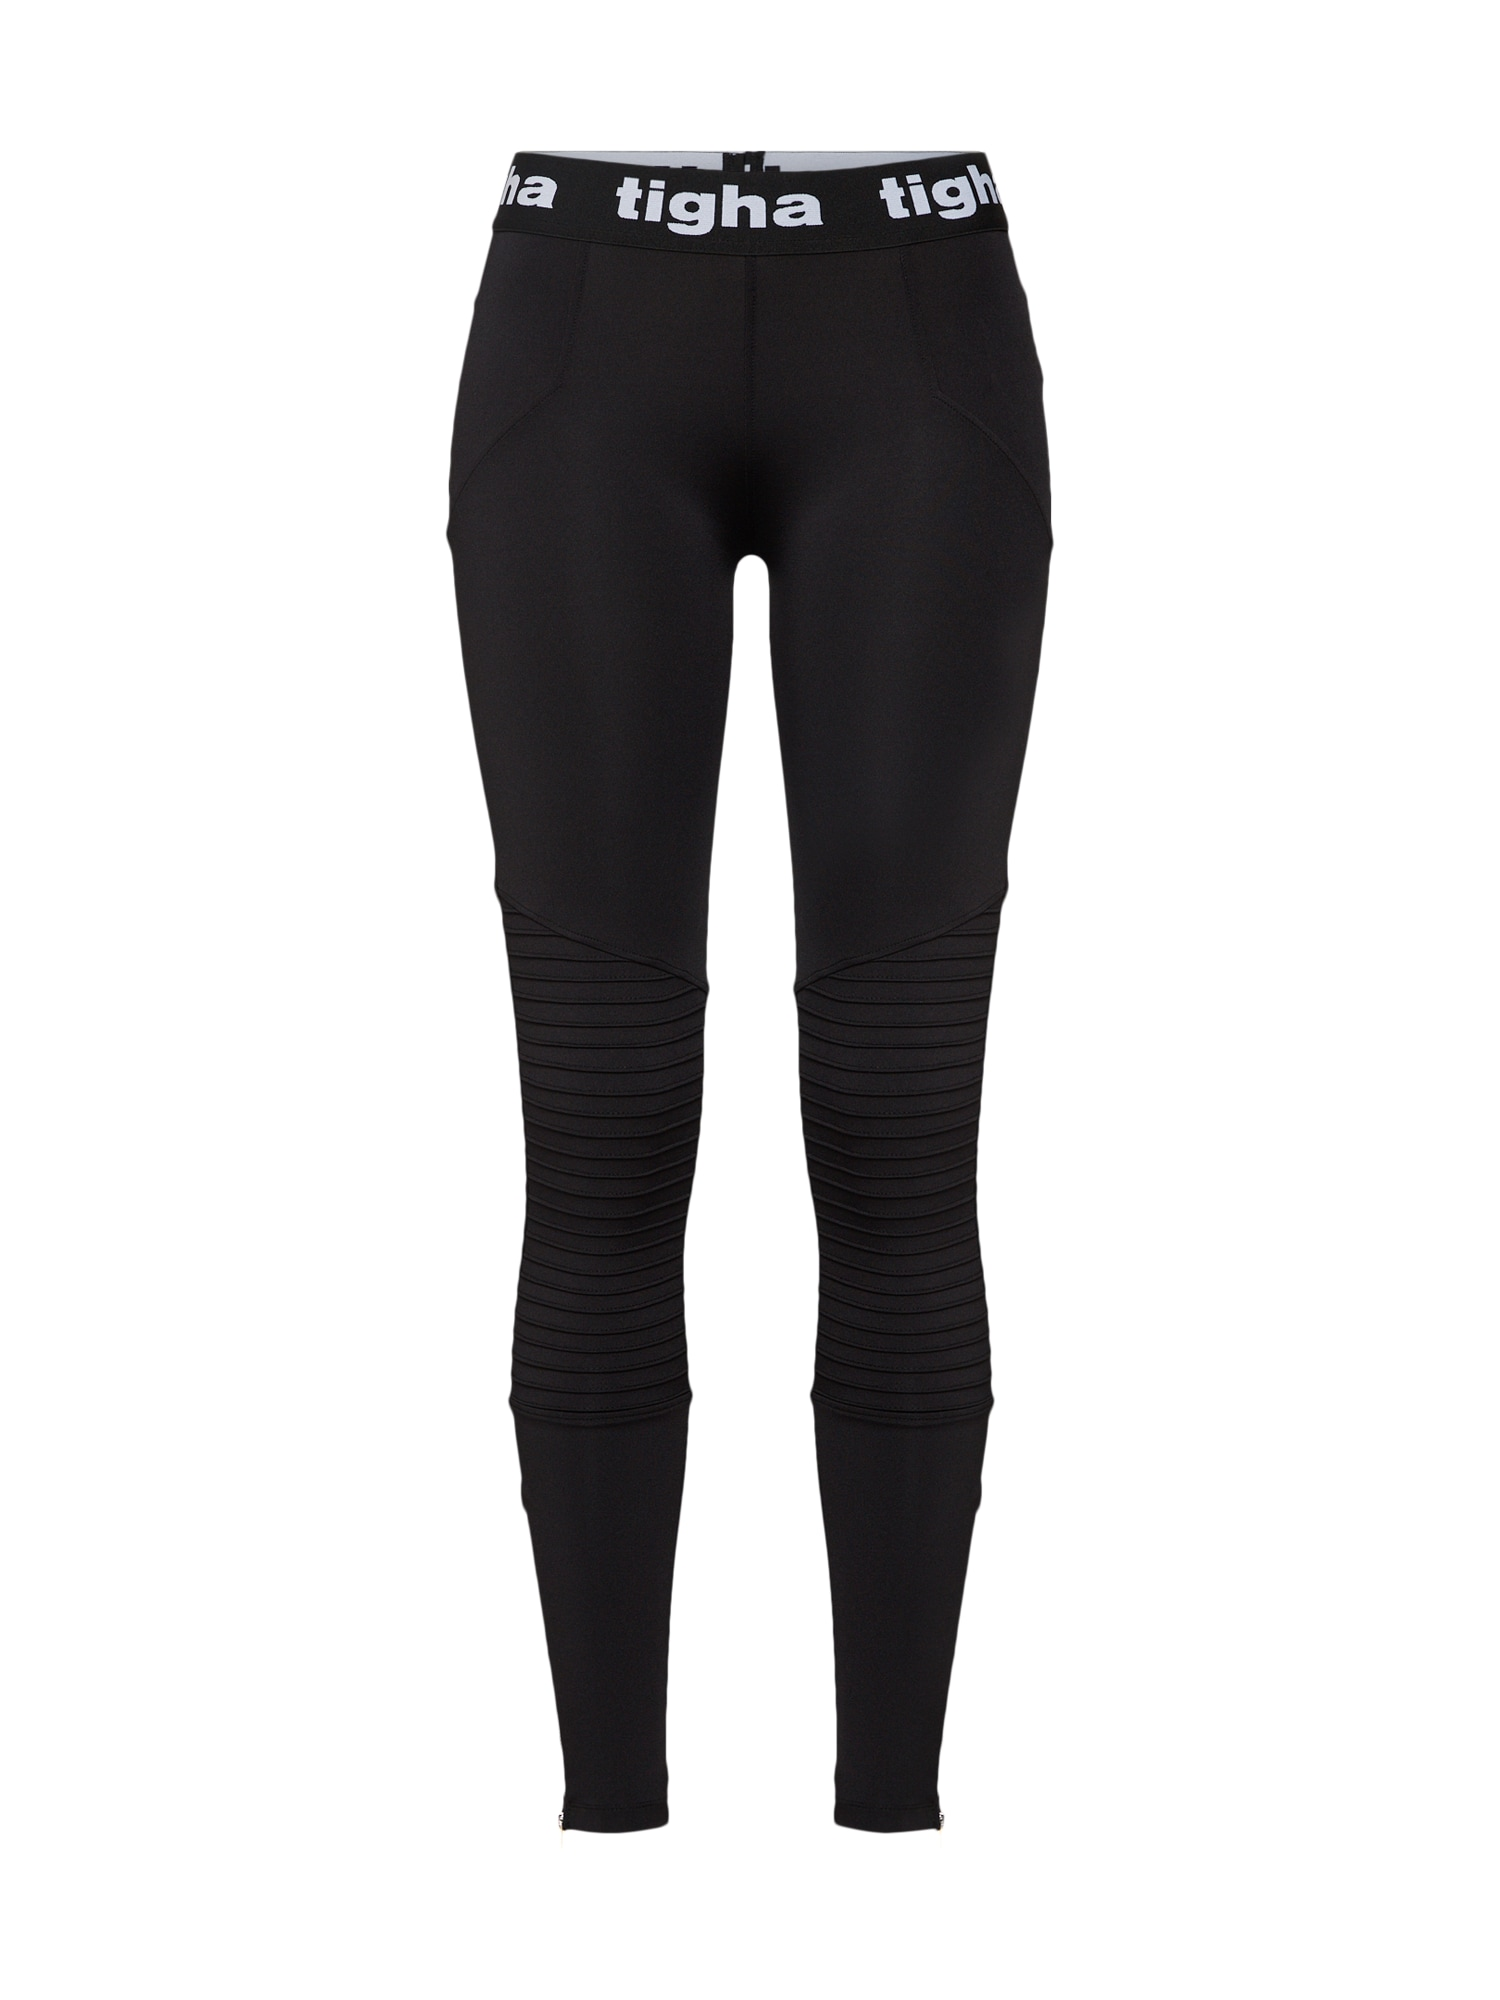 Kalhoty Cata černá Tigha